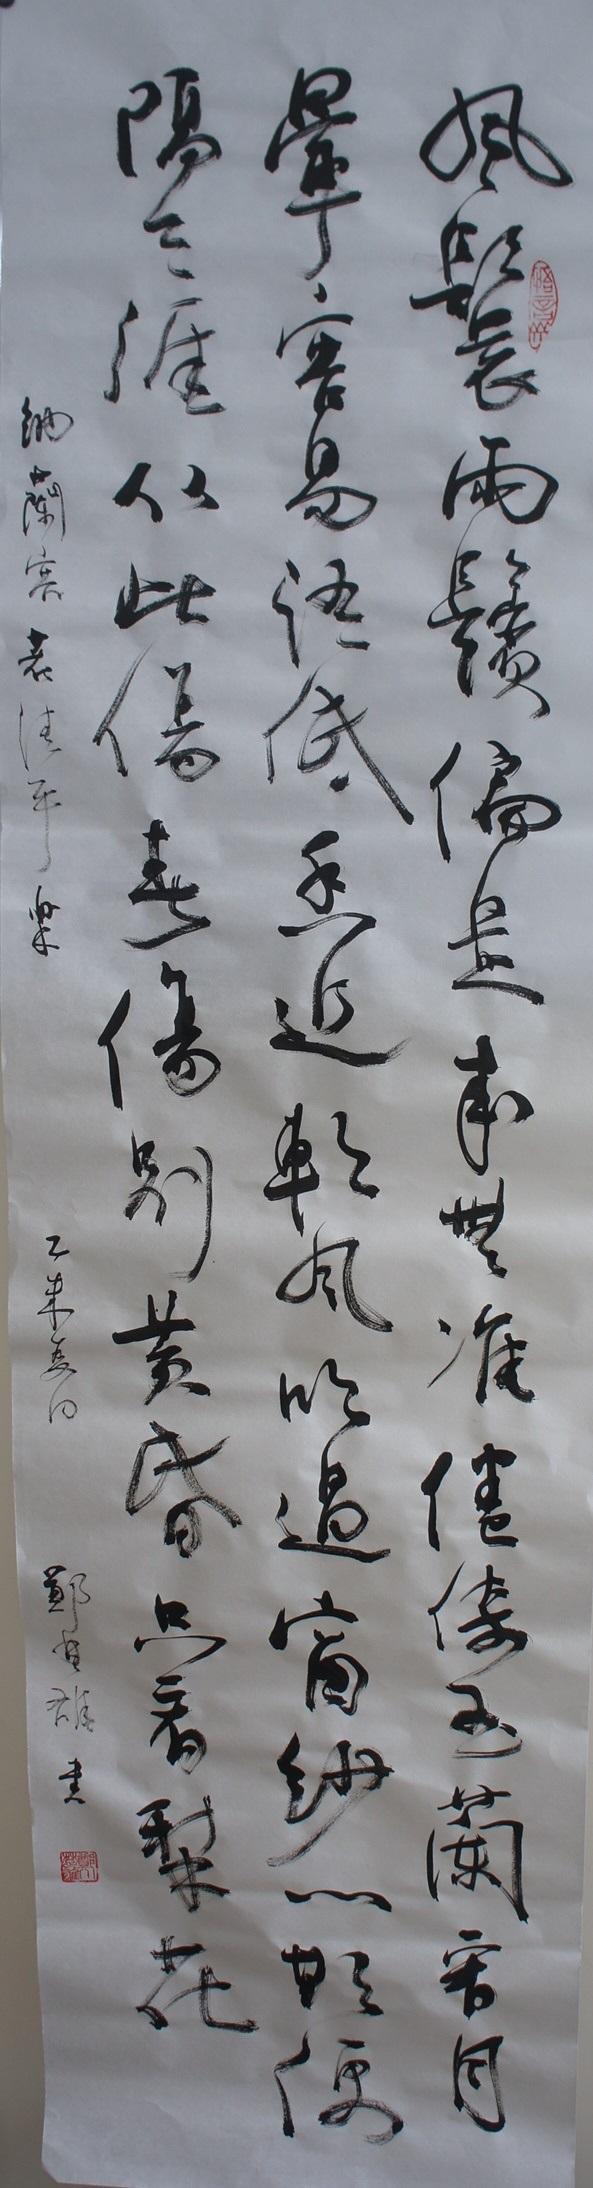 鄭楚雄 書法 納蘭性德《清平樂》(行草立軸 134cm x 36cm)